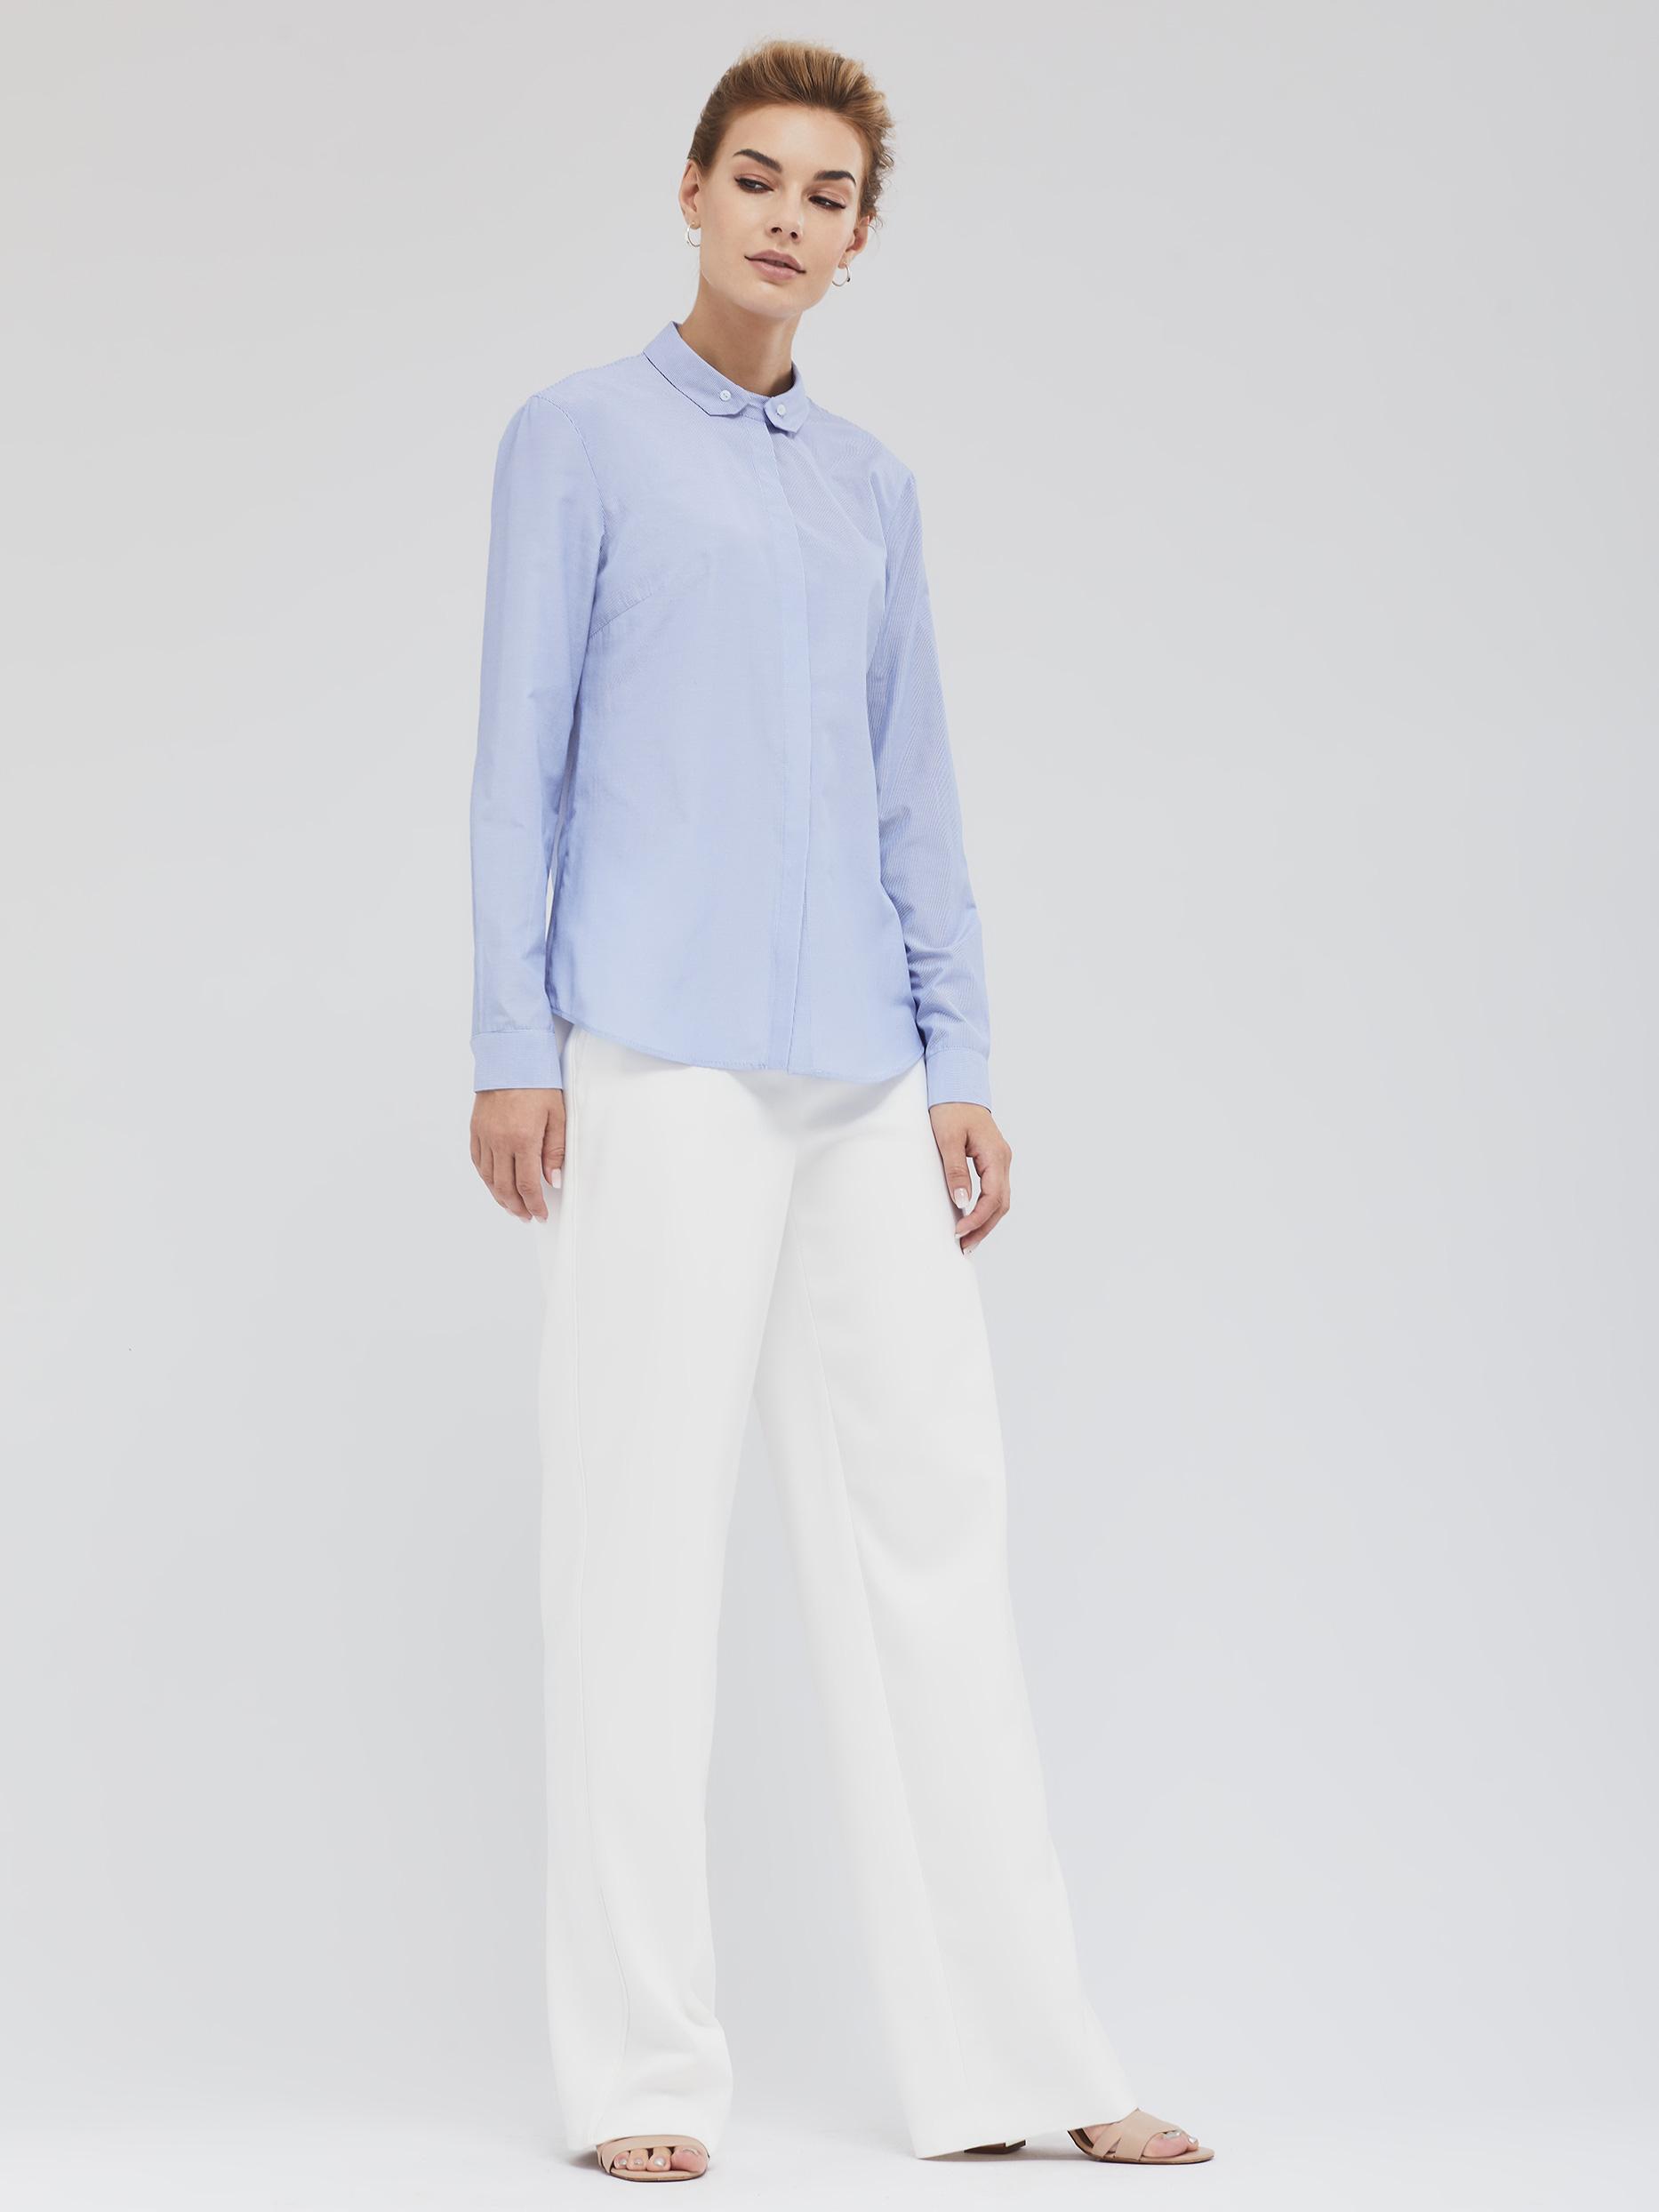 Рубашка с воротником на пуговицах фото